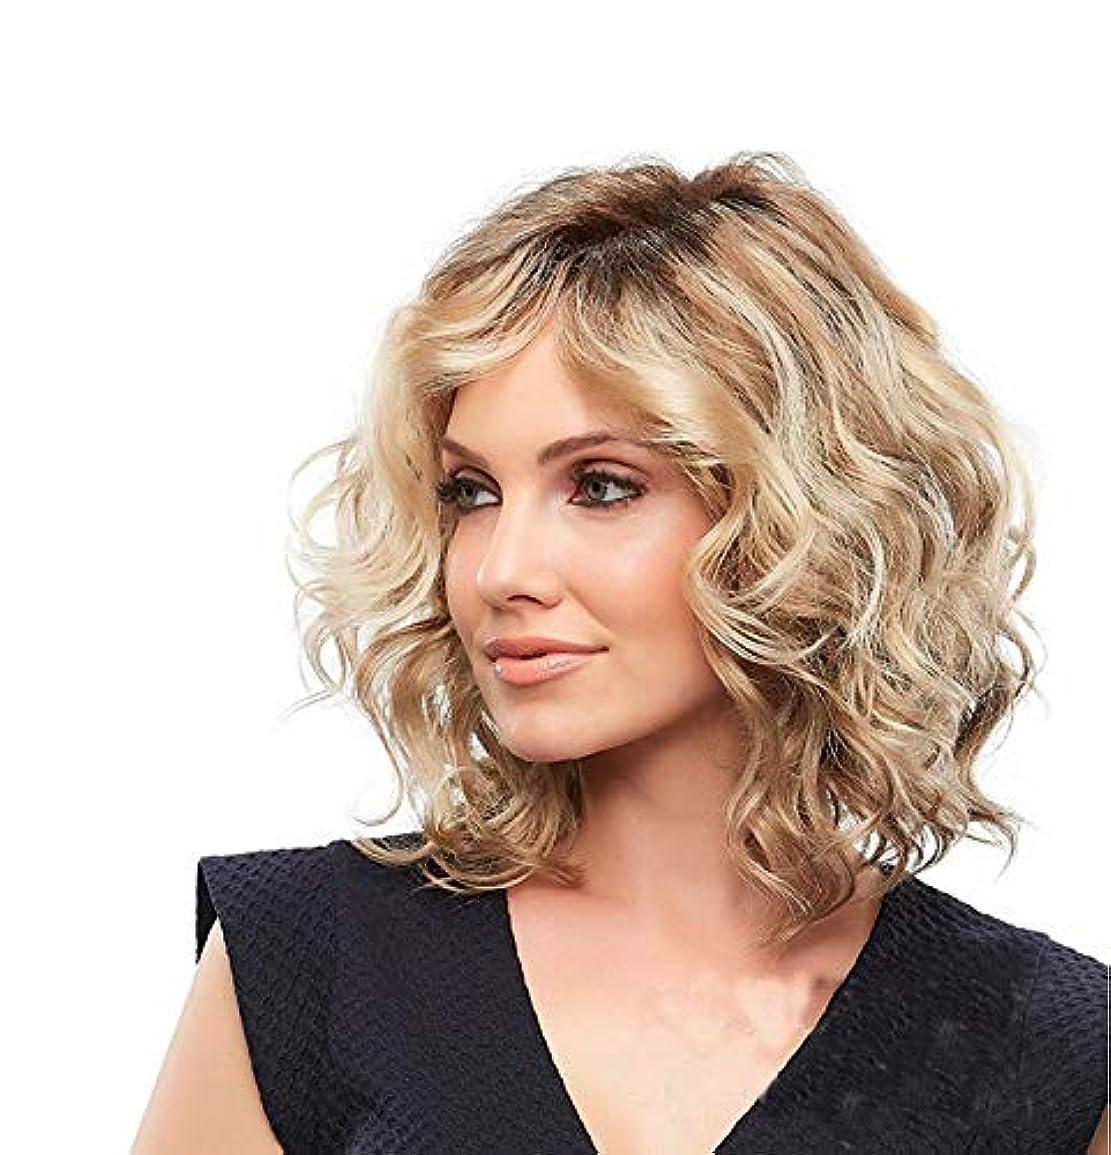 写真の脊椎フロントYOUQIU 女子合成ショートカーリーヘアナチュラルふわふわ金髪ウィッグサイド別れかつら (色 : Blonde)